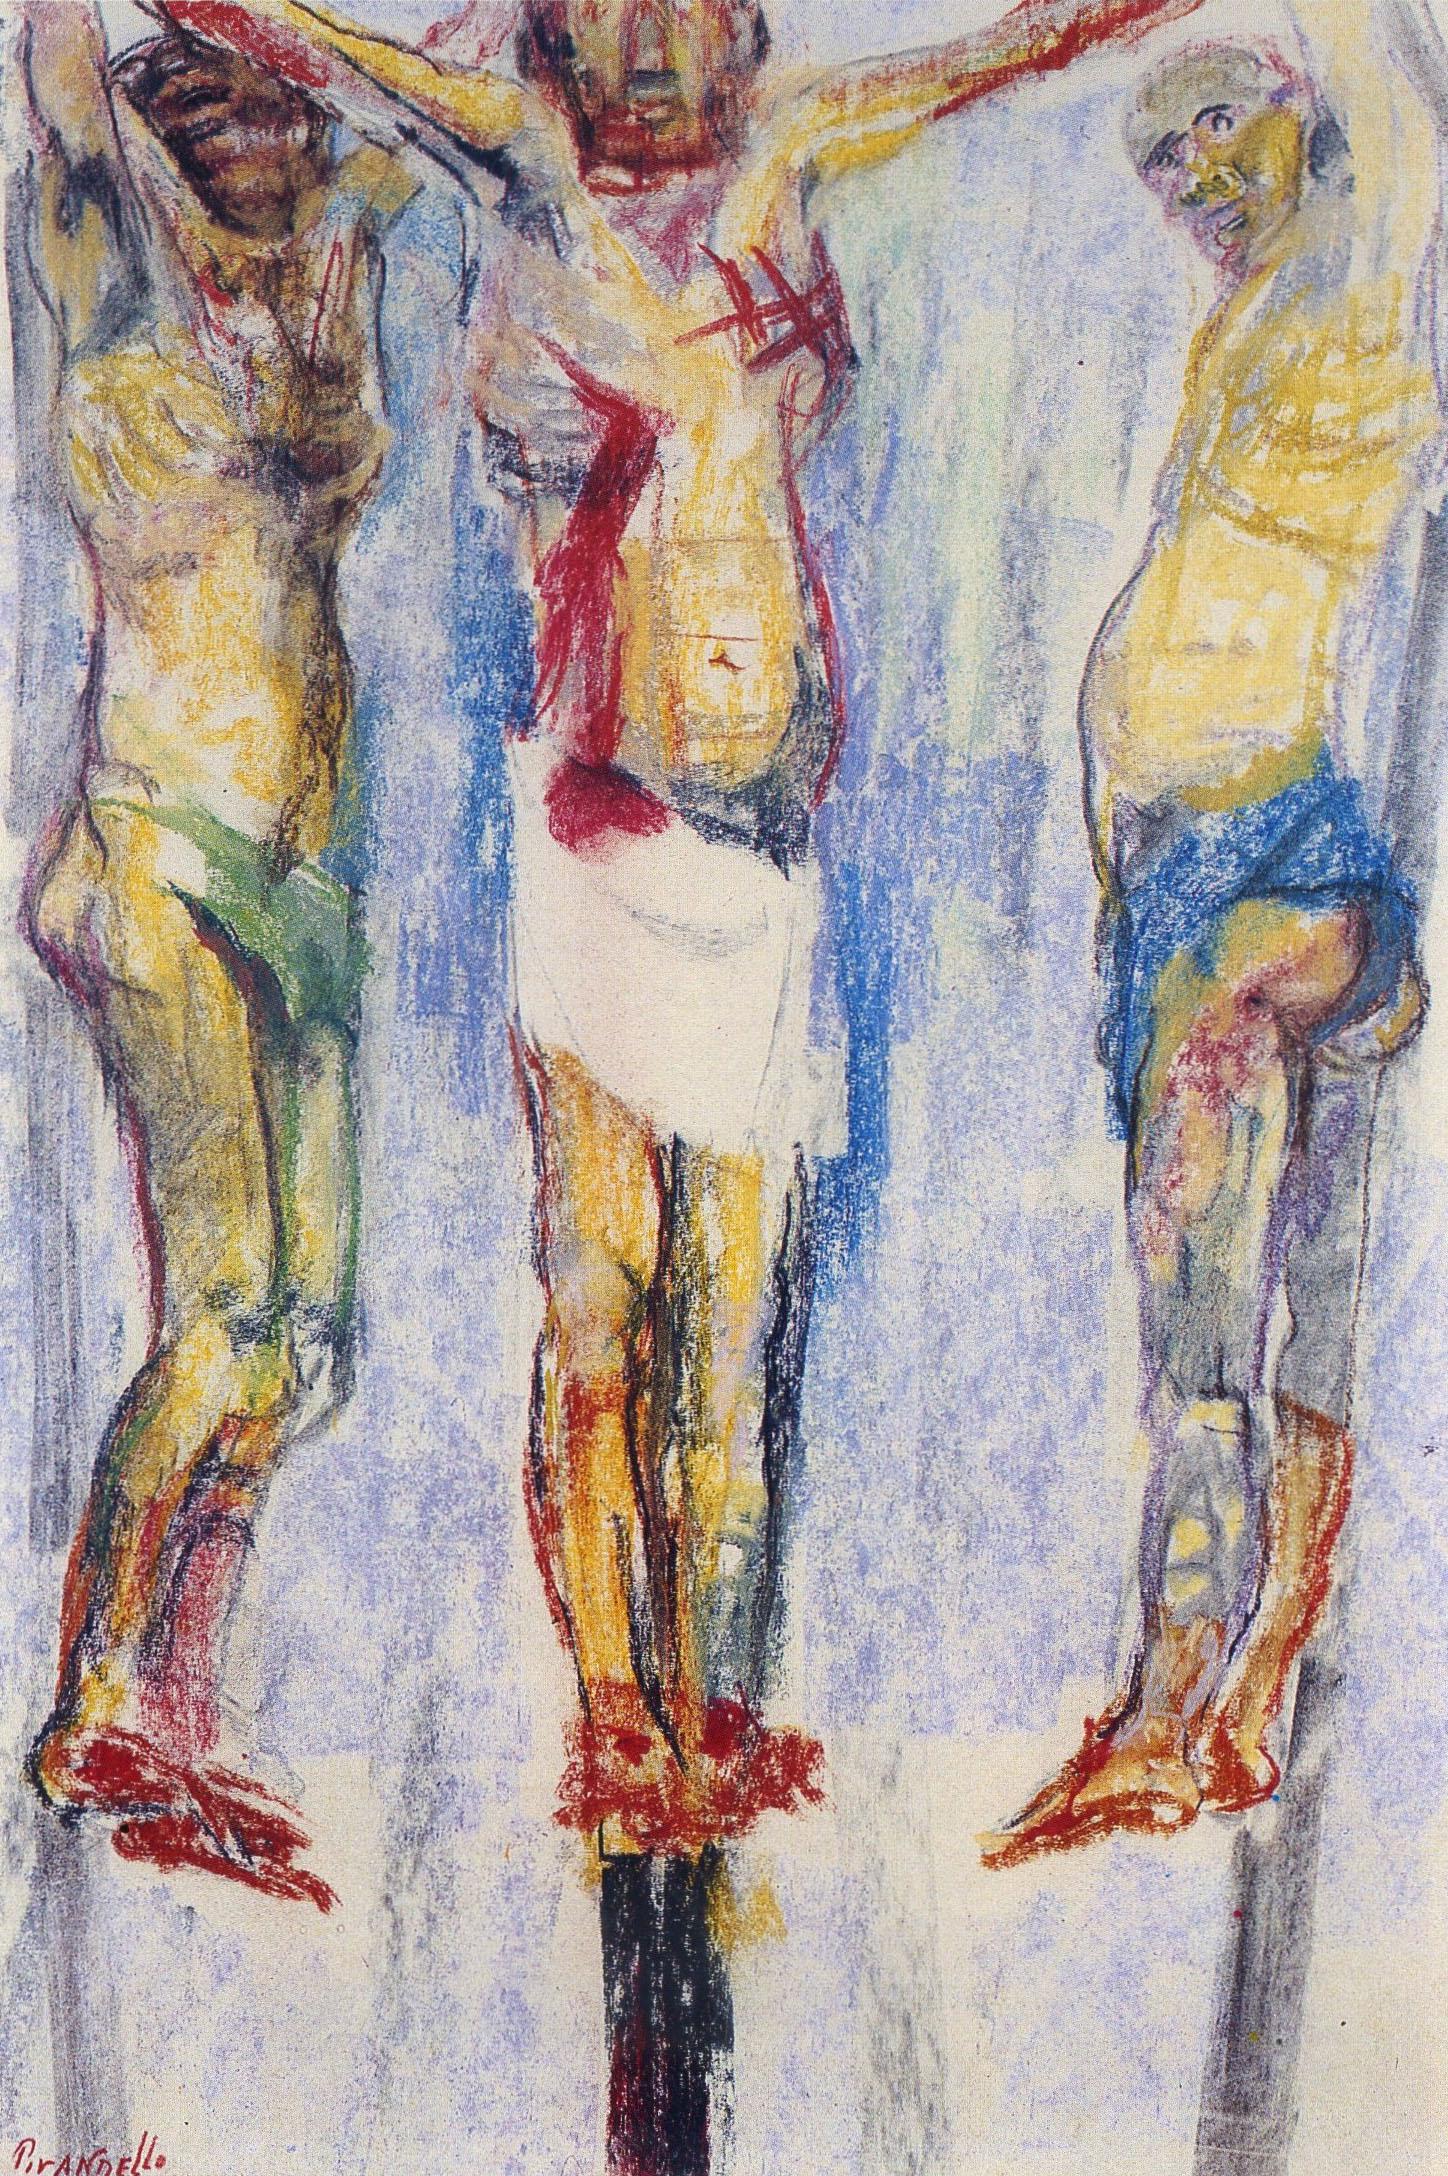 Fausto Pirandello - Crocifissione I